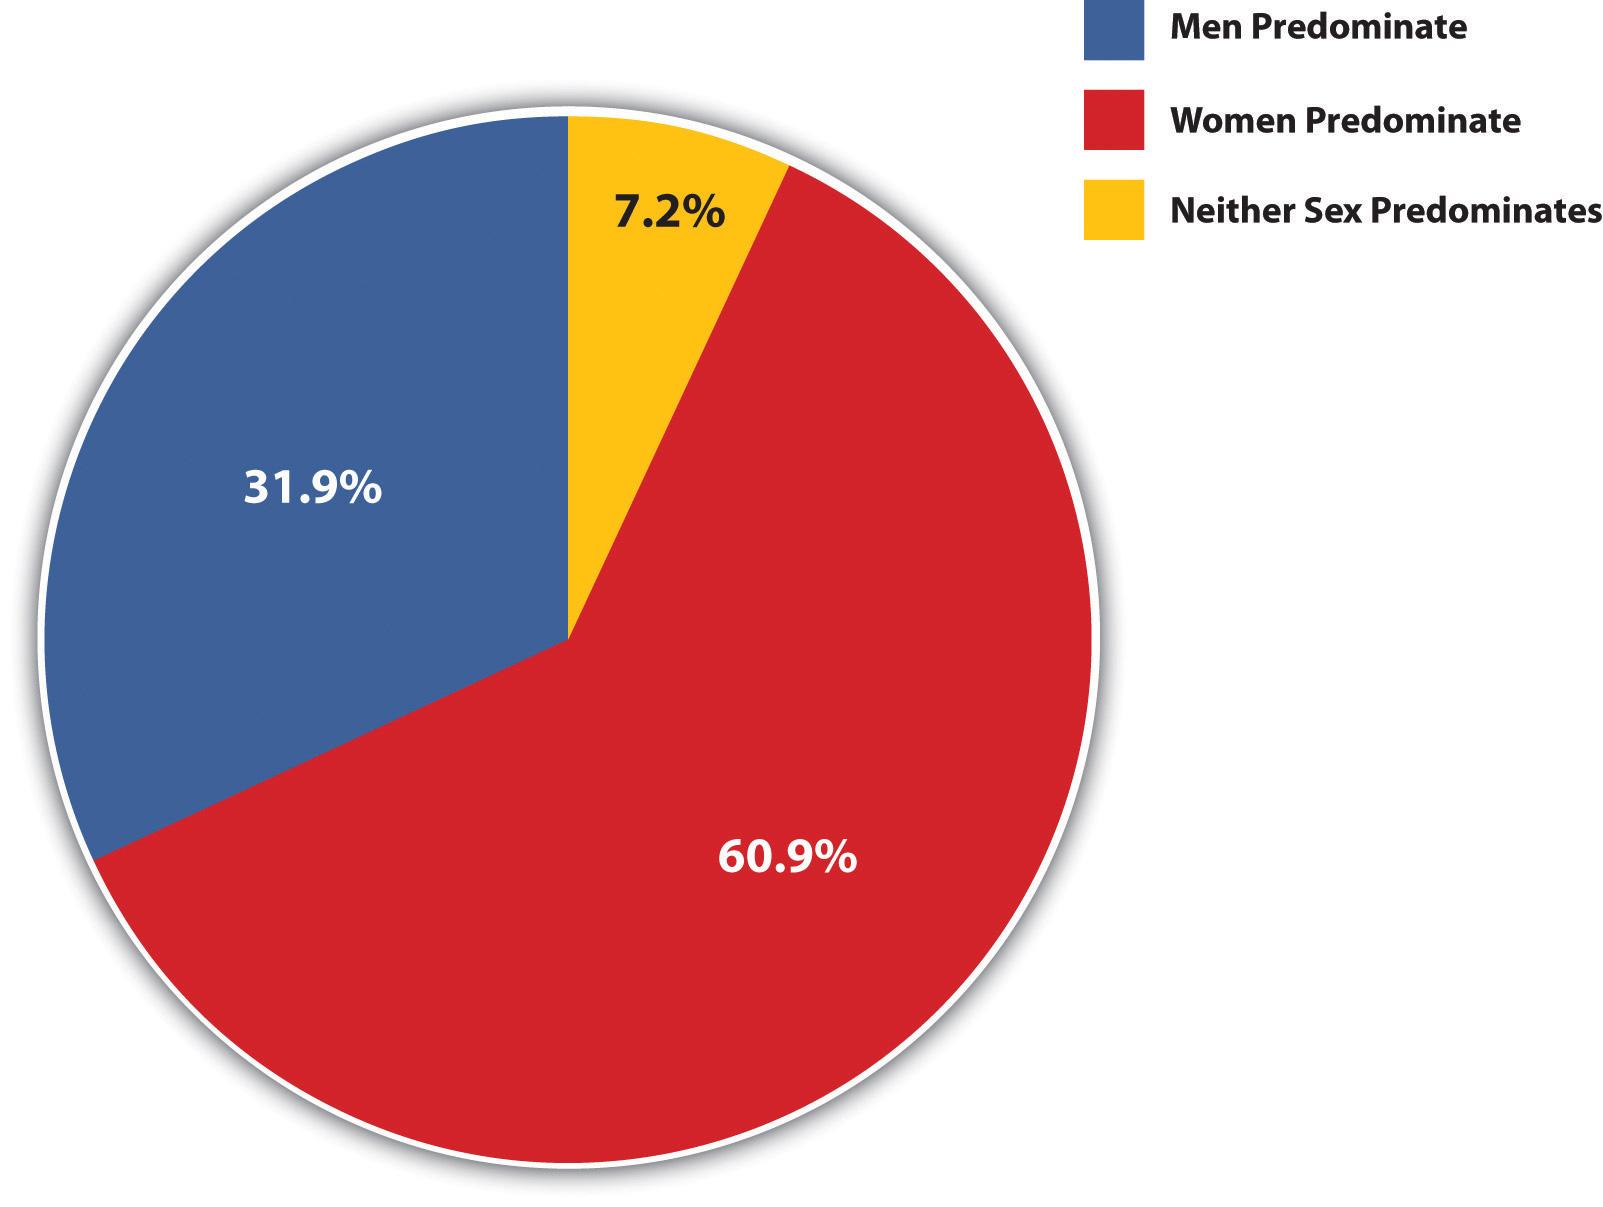 Gender Responsibility for Weaving: 60.9% women predominate, 31.9% men predominate, 7.2% neither sex predominates